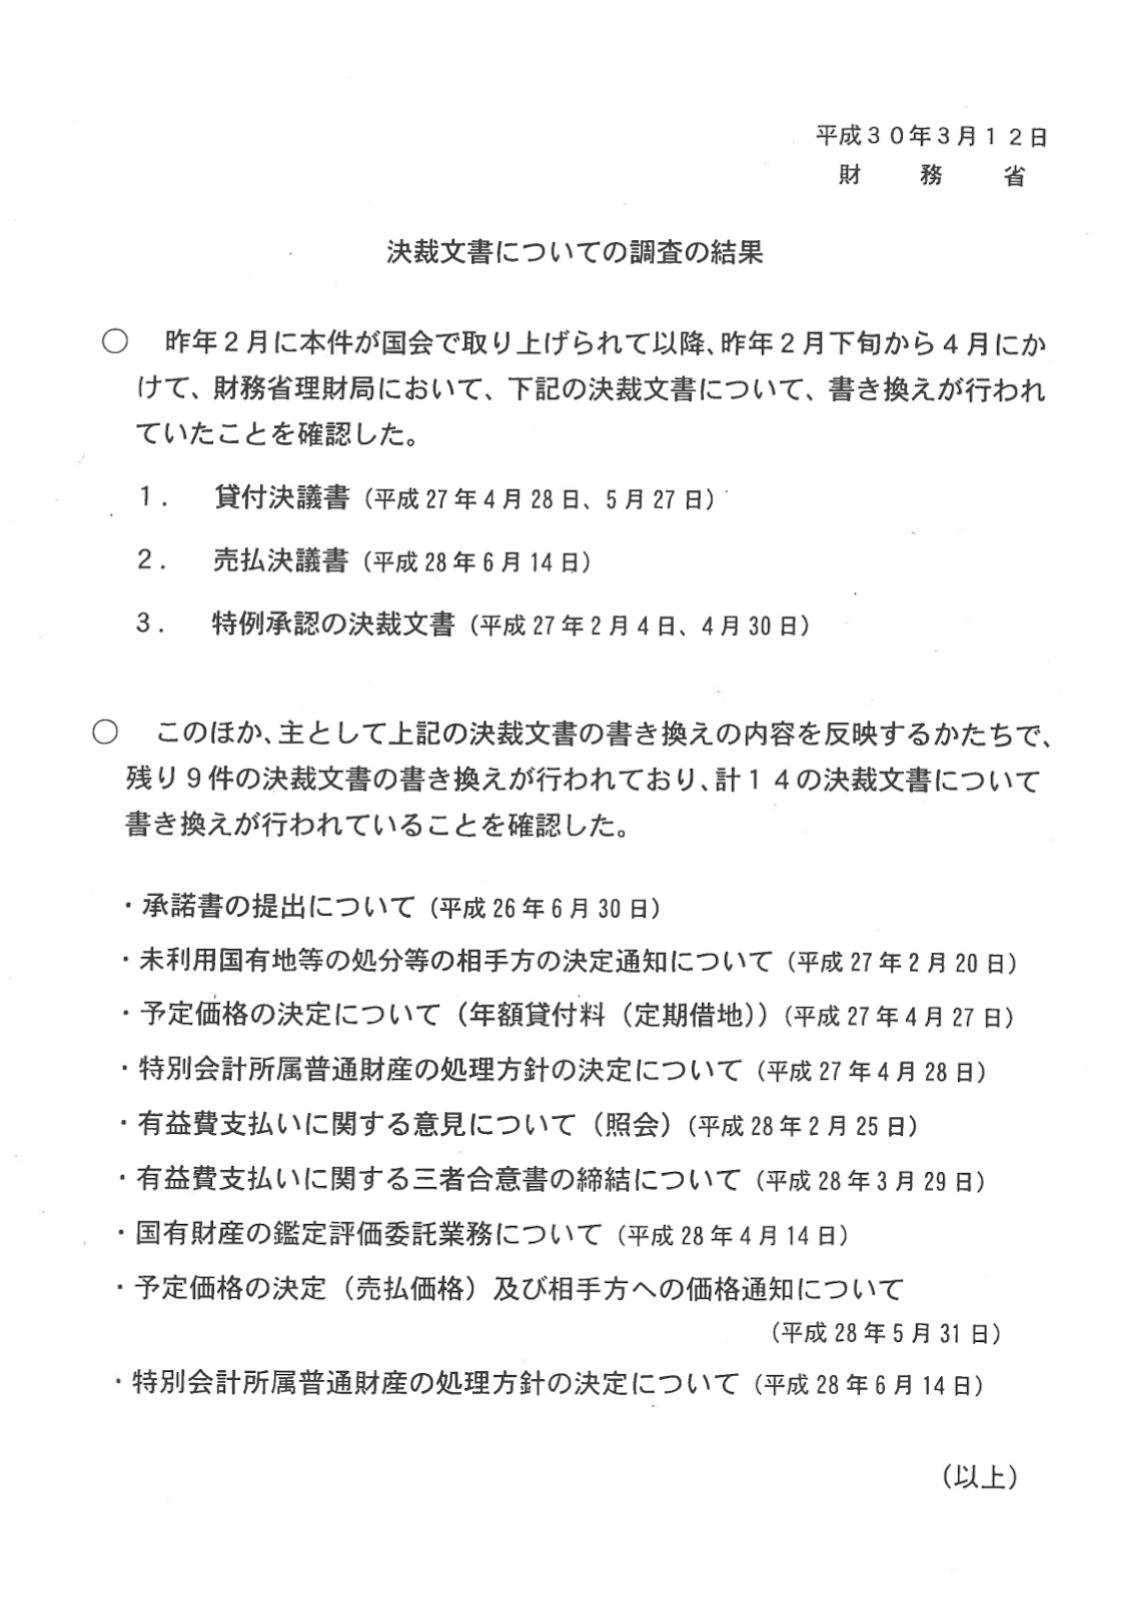 財務省の決裁文書についての原調査の結果の概要